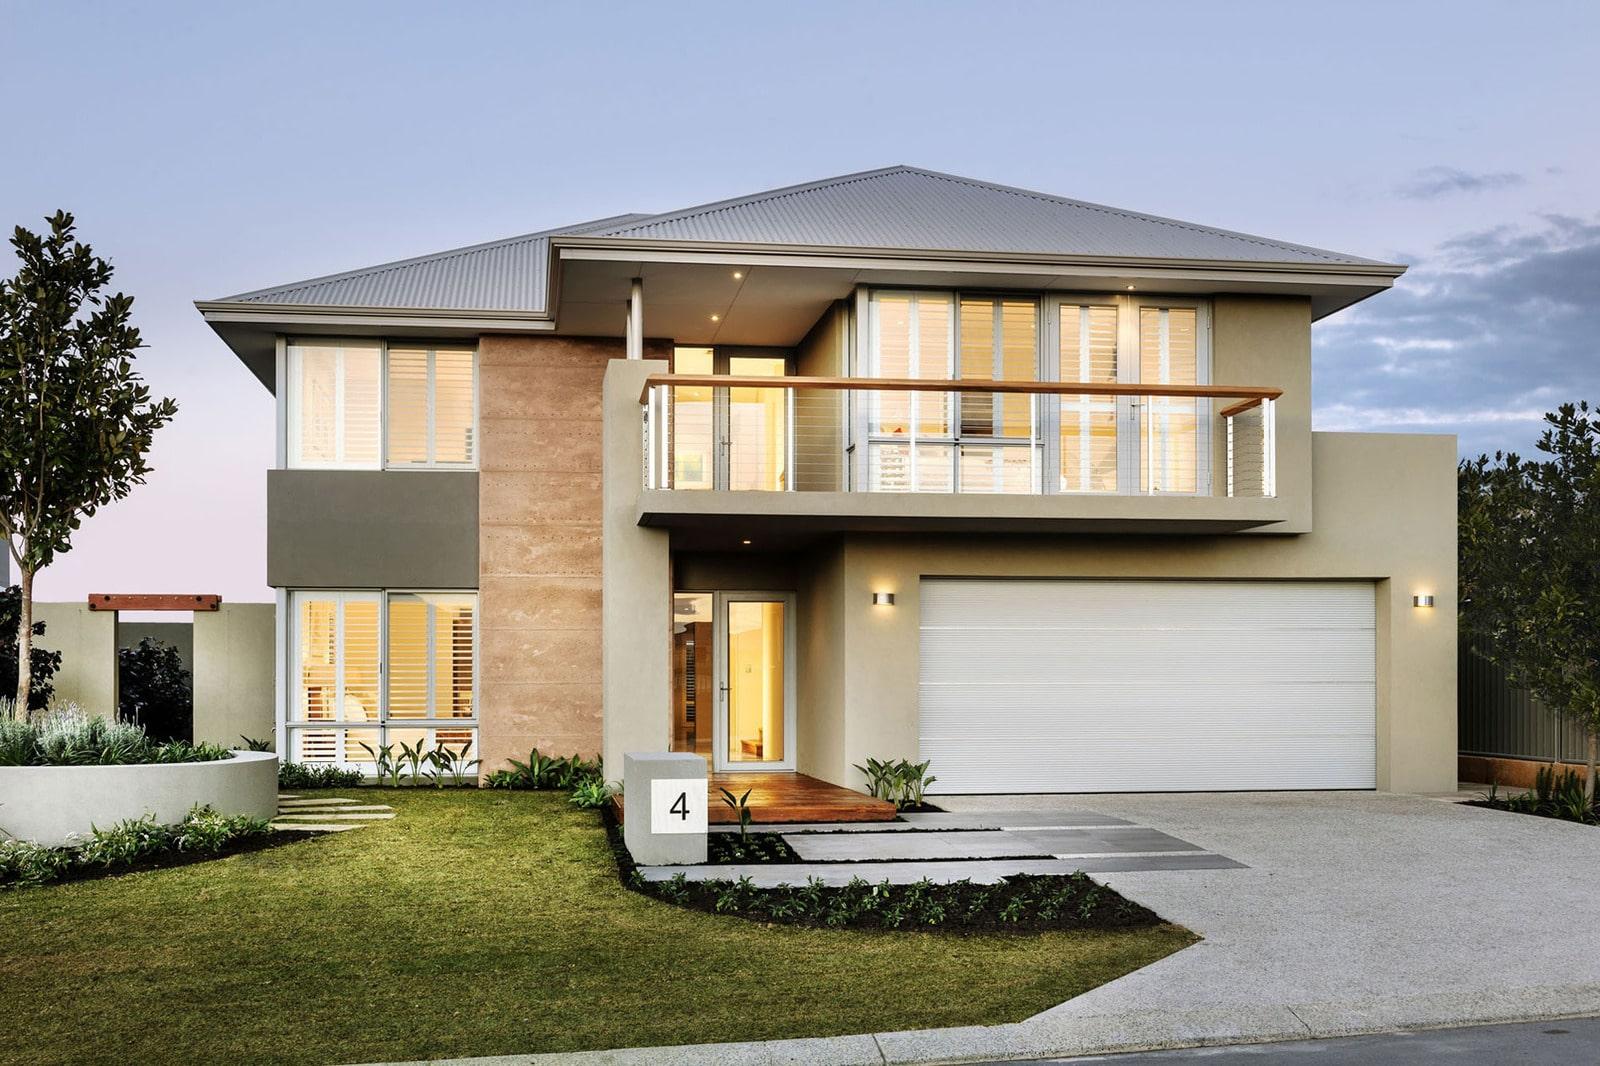 Dise o de casa moderna de dos pisos fachada e interiores for Viviendas de campo modernas